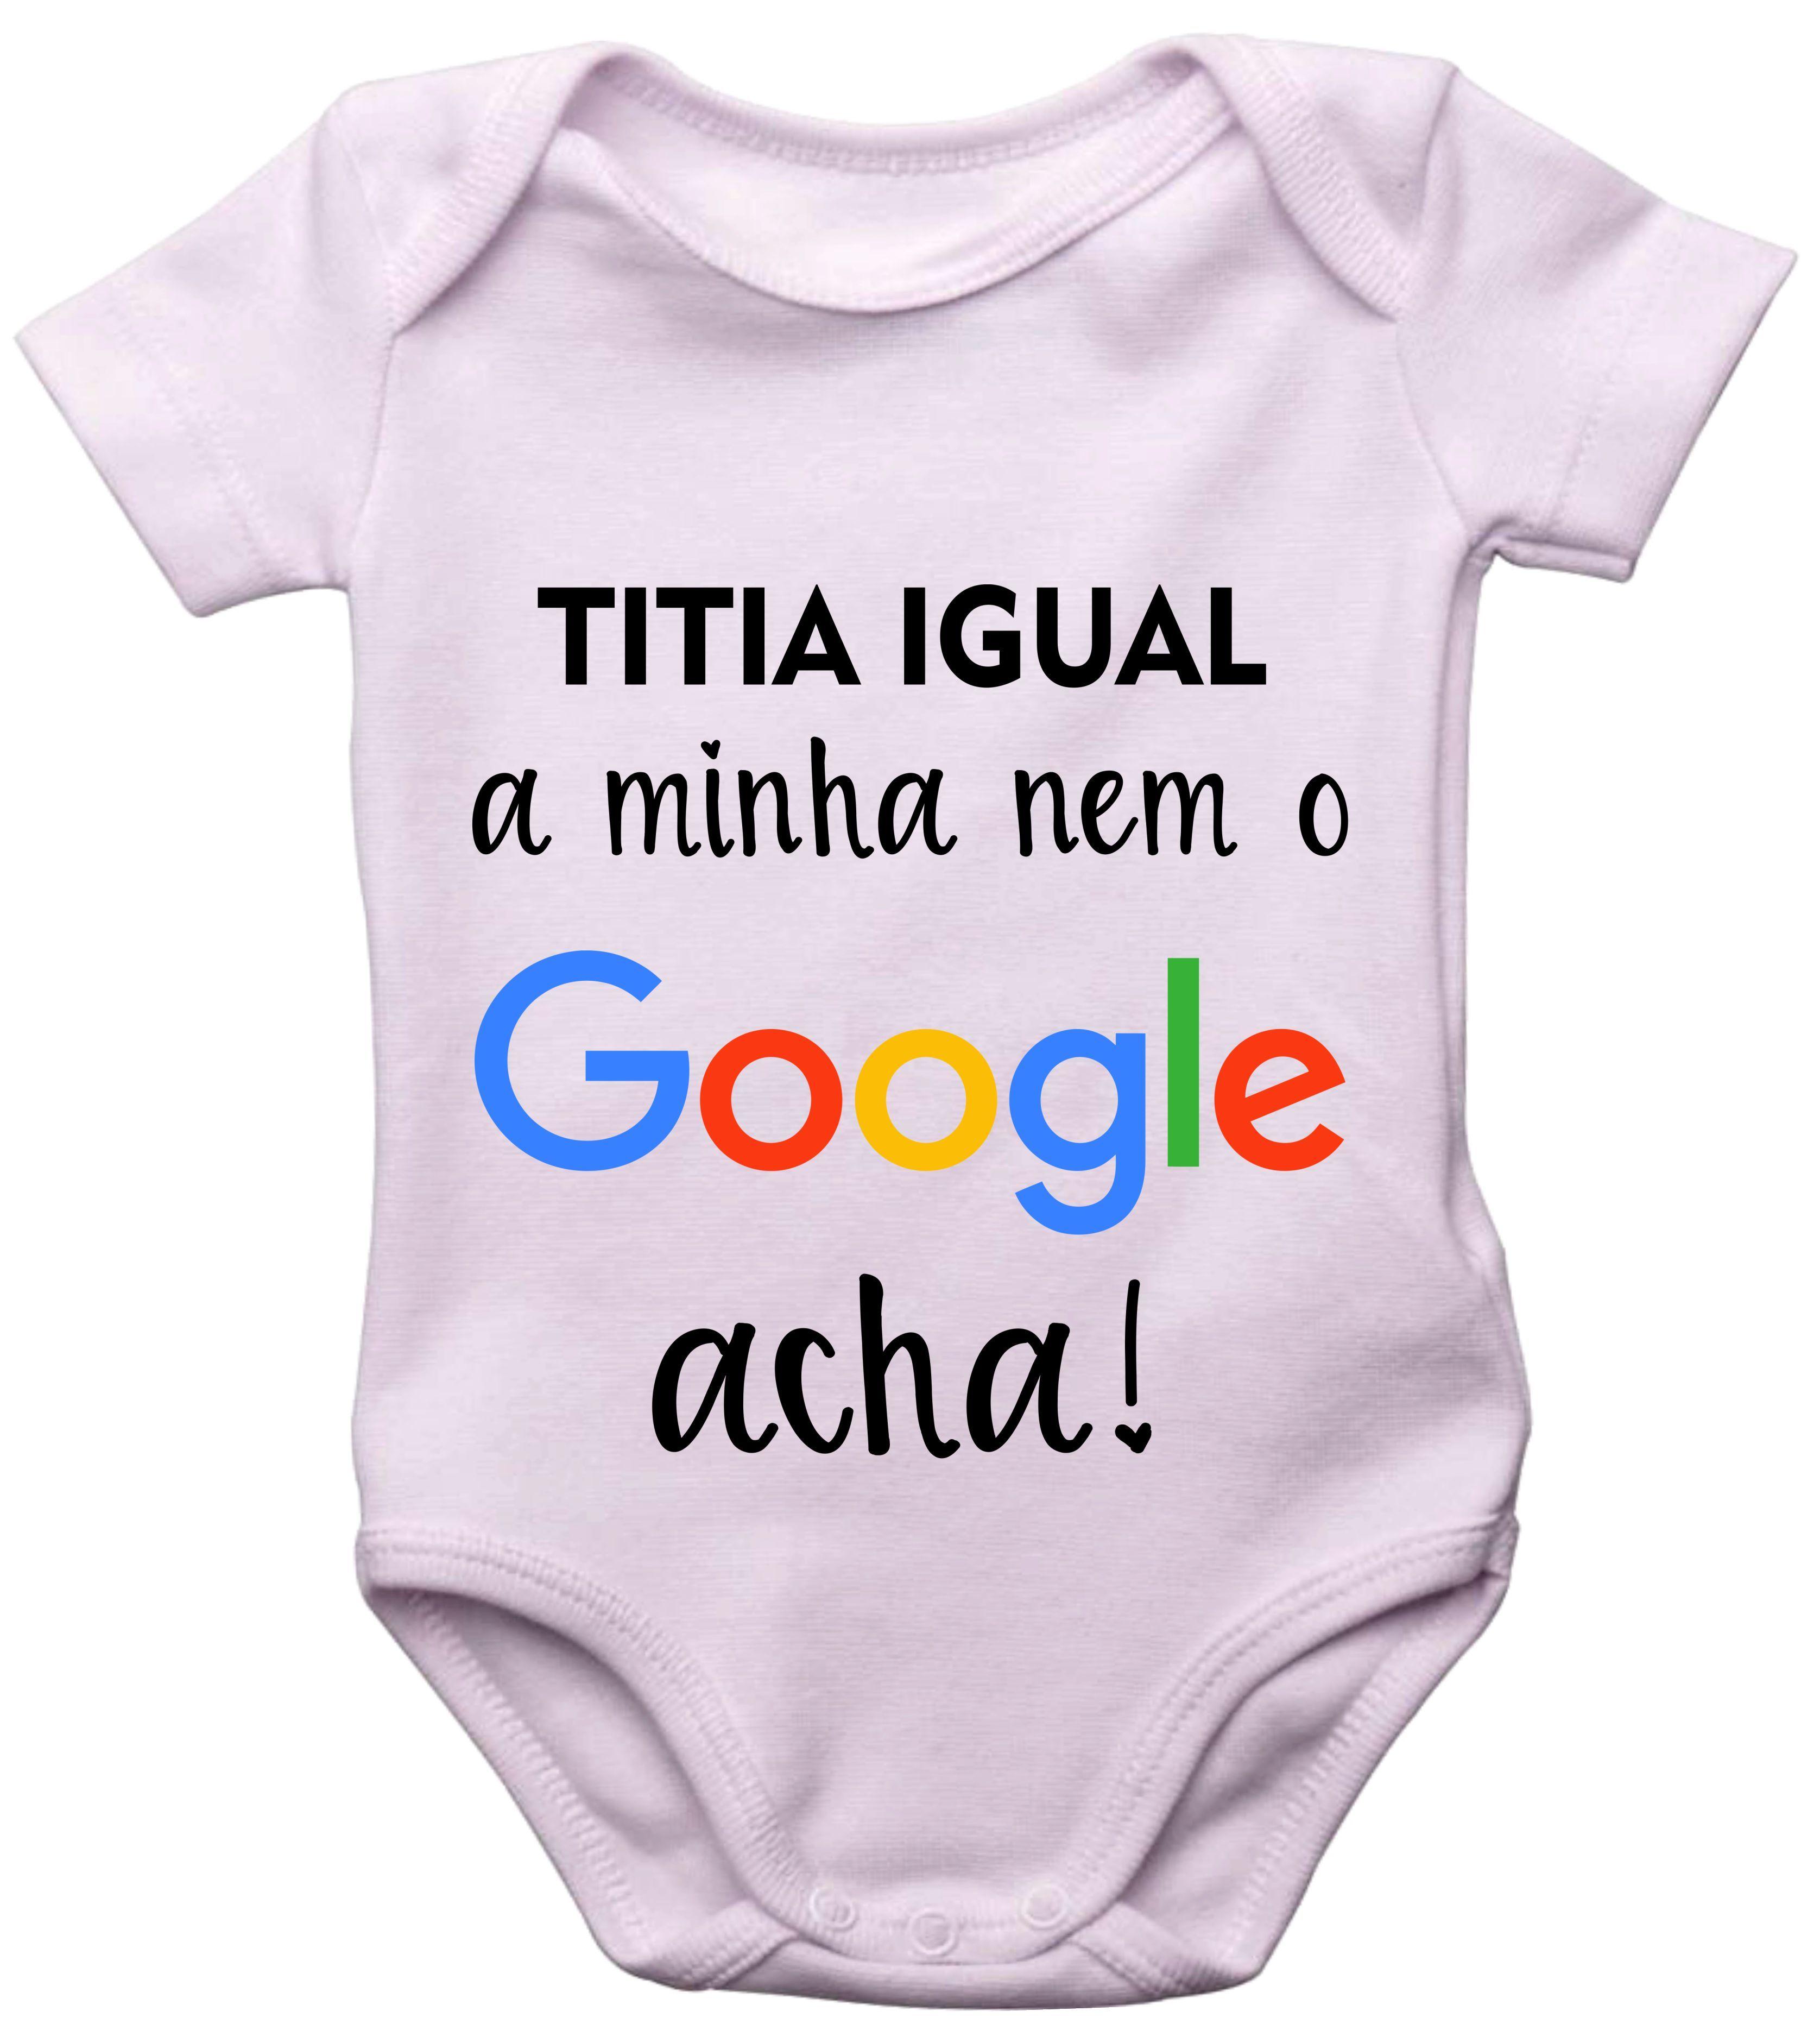 Body Do Bebe Branco Titia Igual A Minha Nem O Google Acha Com Imagens Camisetas Com Frases Engracadas Roupas De Bebe Personalizadas Roupas De Bebe Masculino